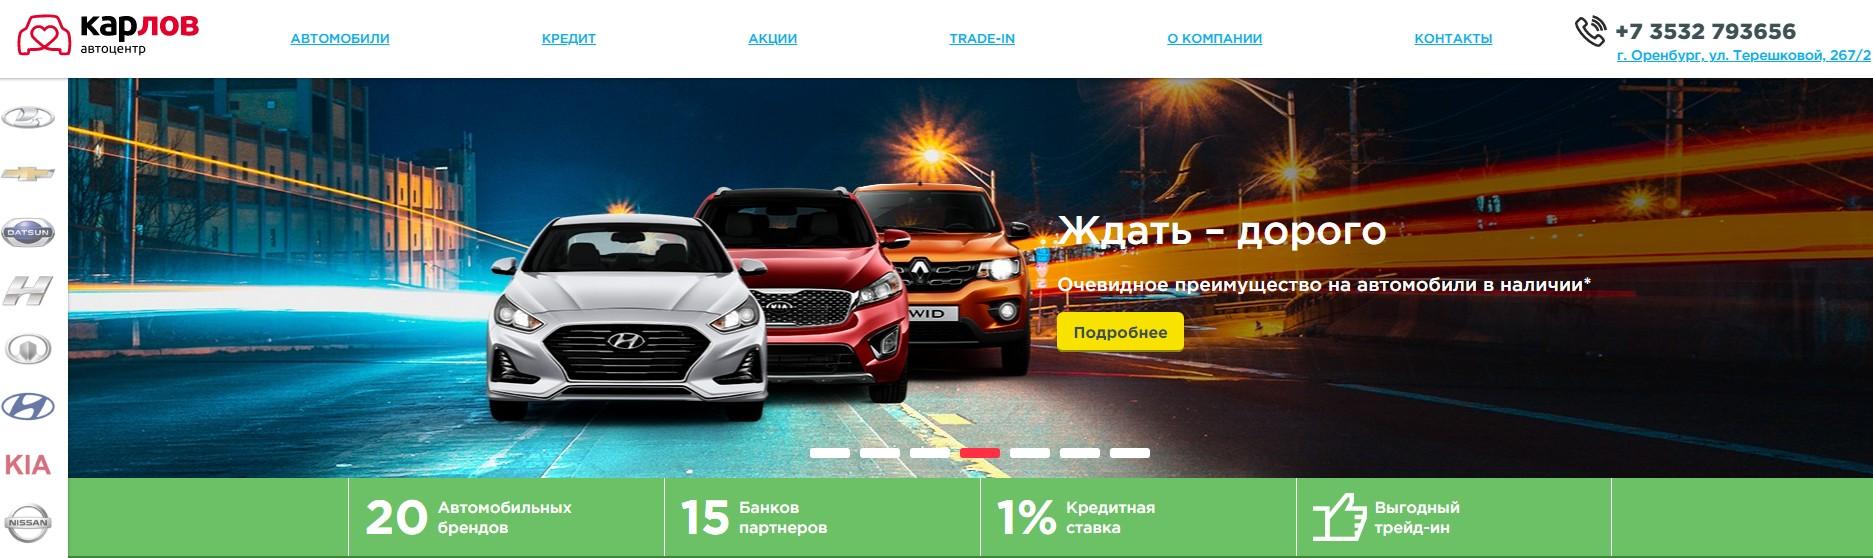 Автоцентр Карлов